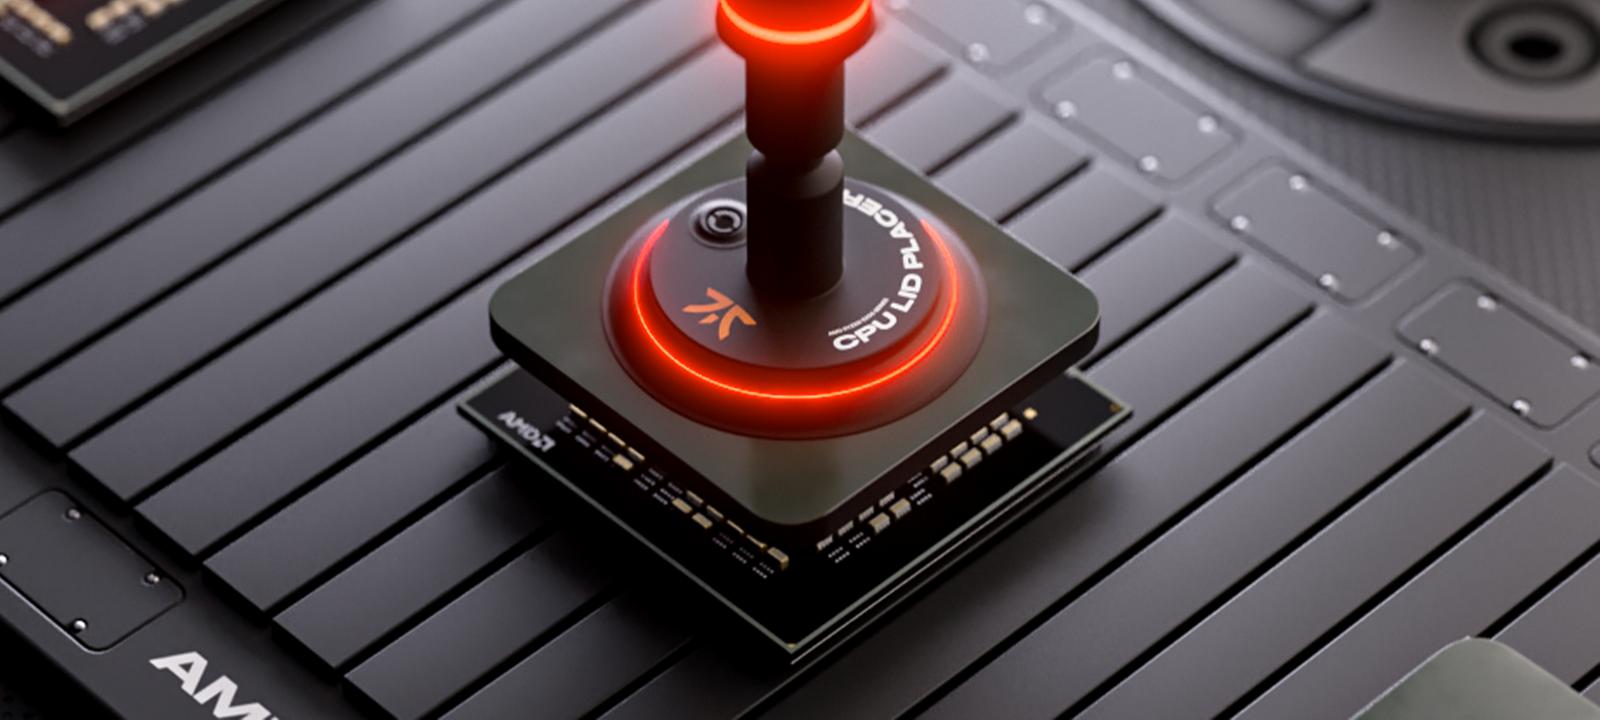 AMD Ryzen graphic